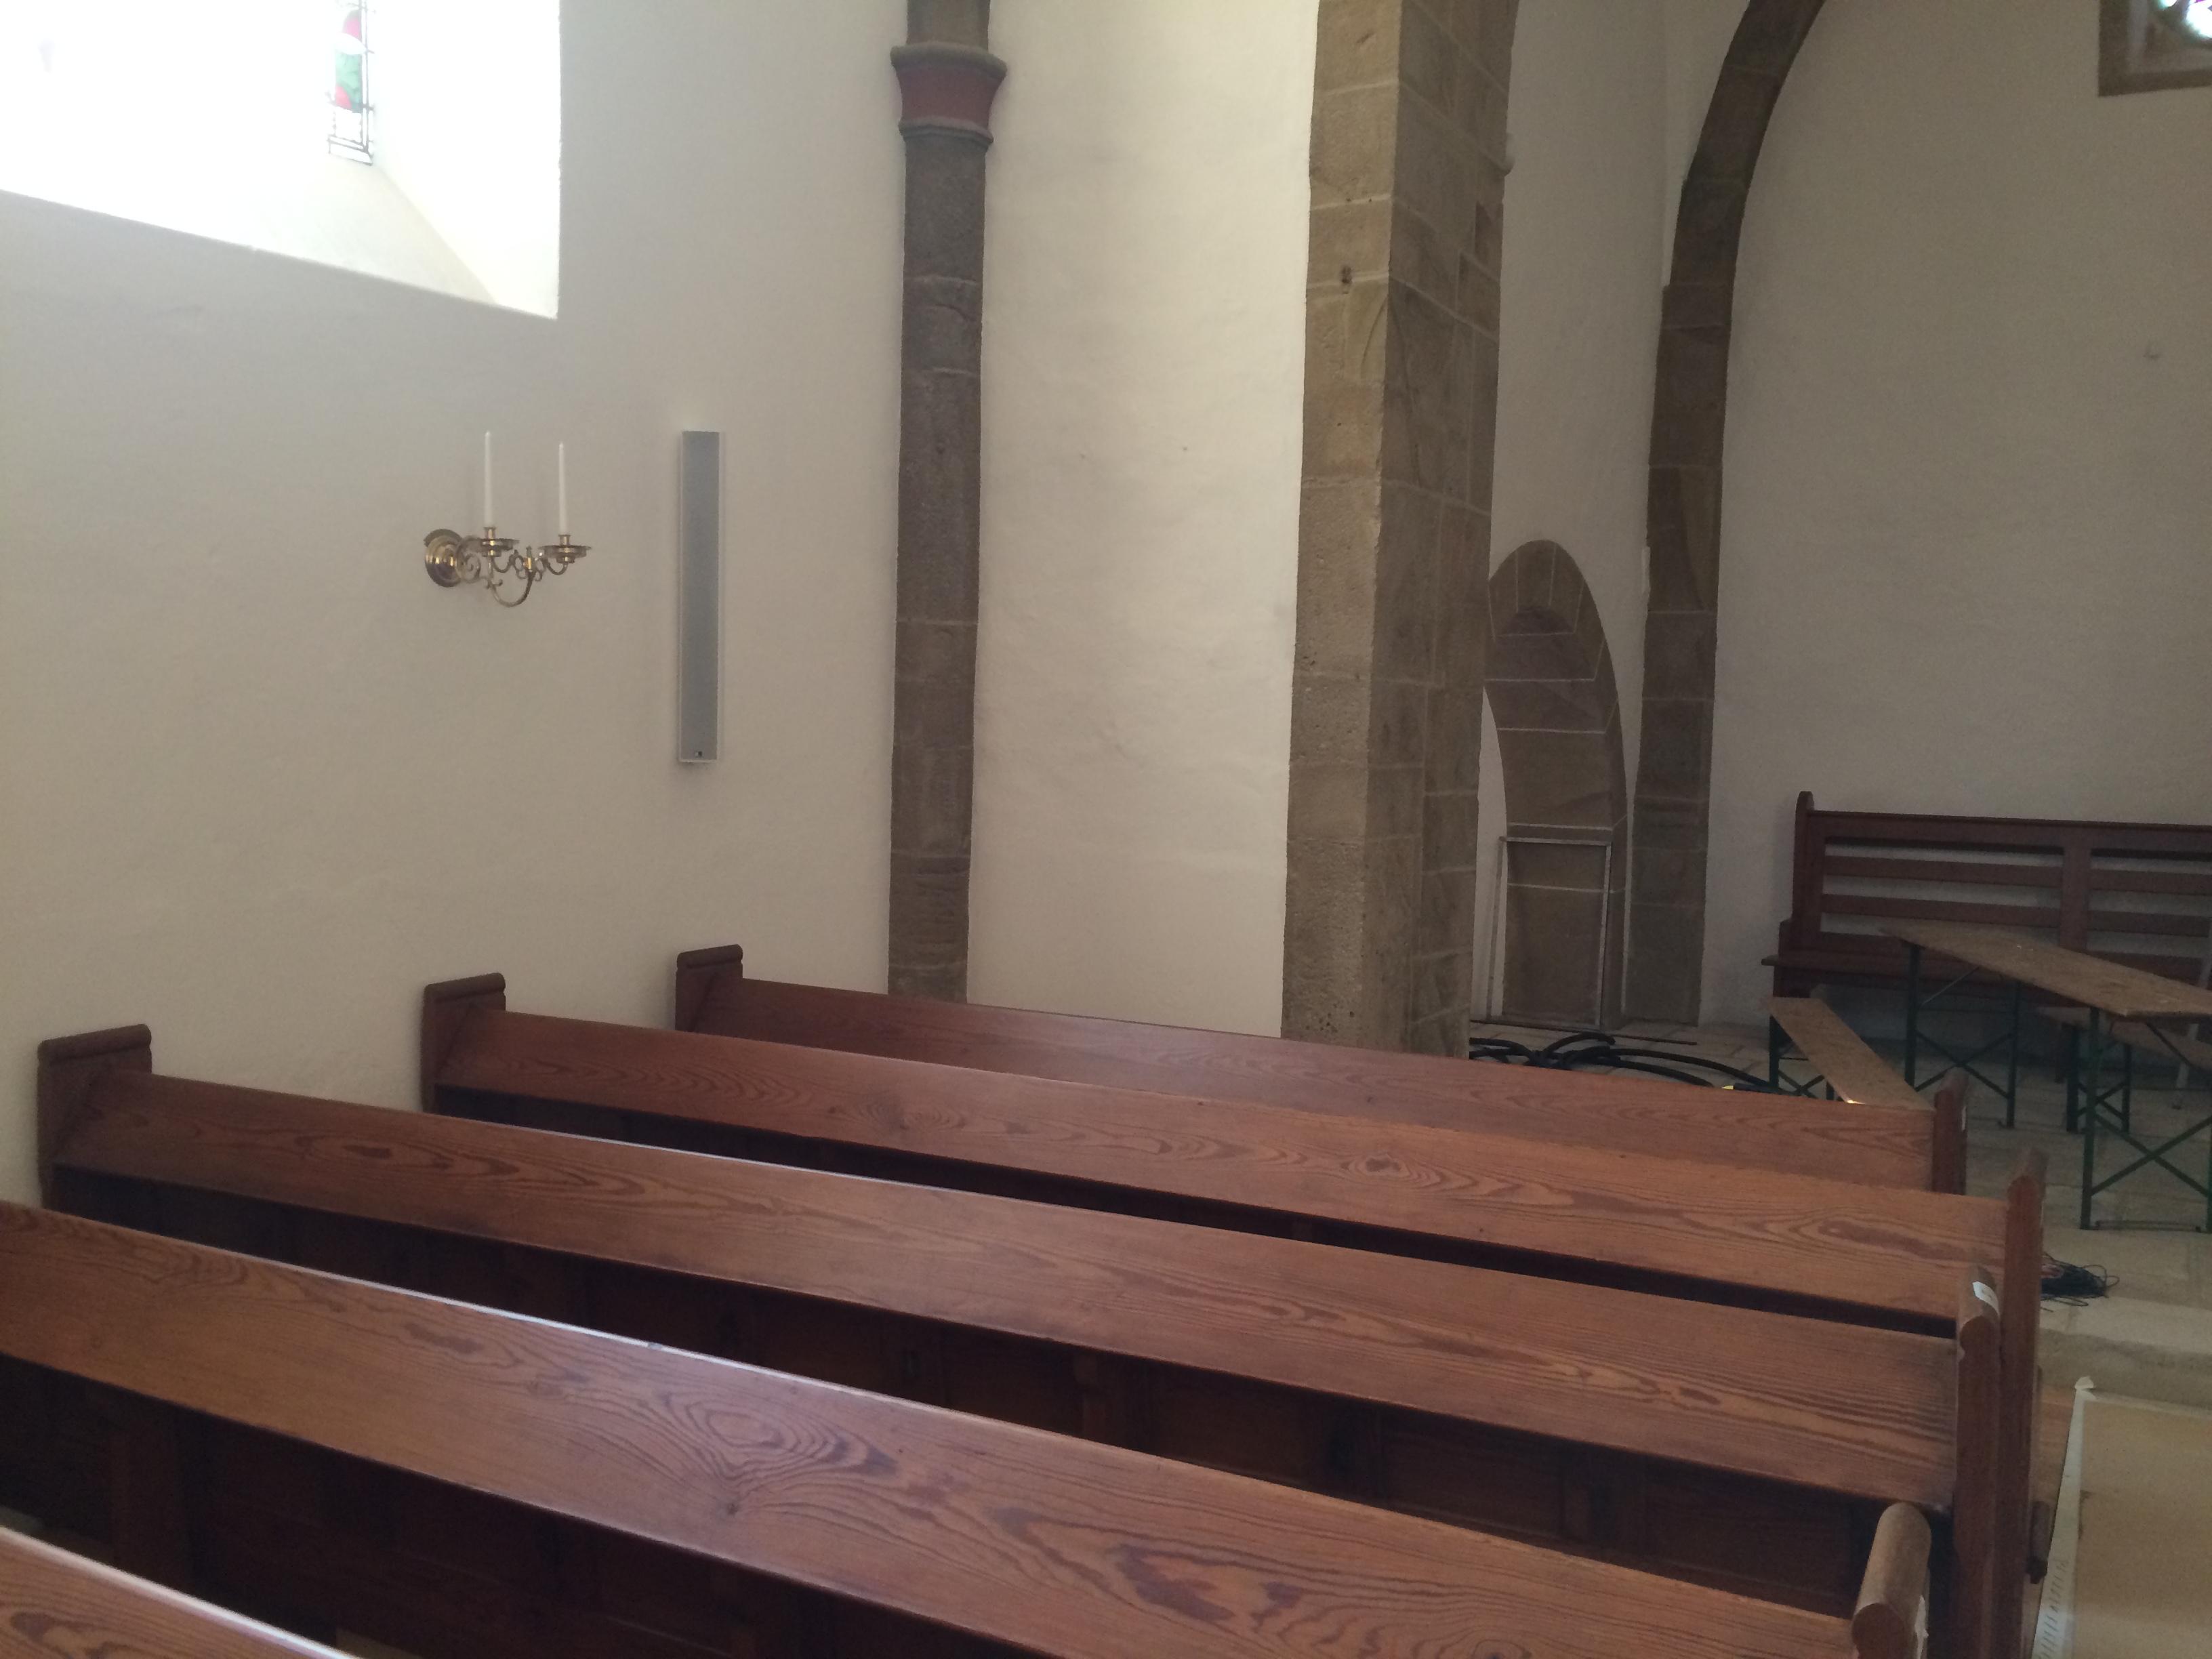 Kolibri-Medias-Kirche-Wandlautsprecher